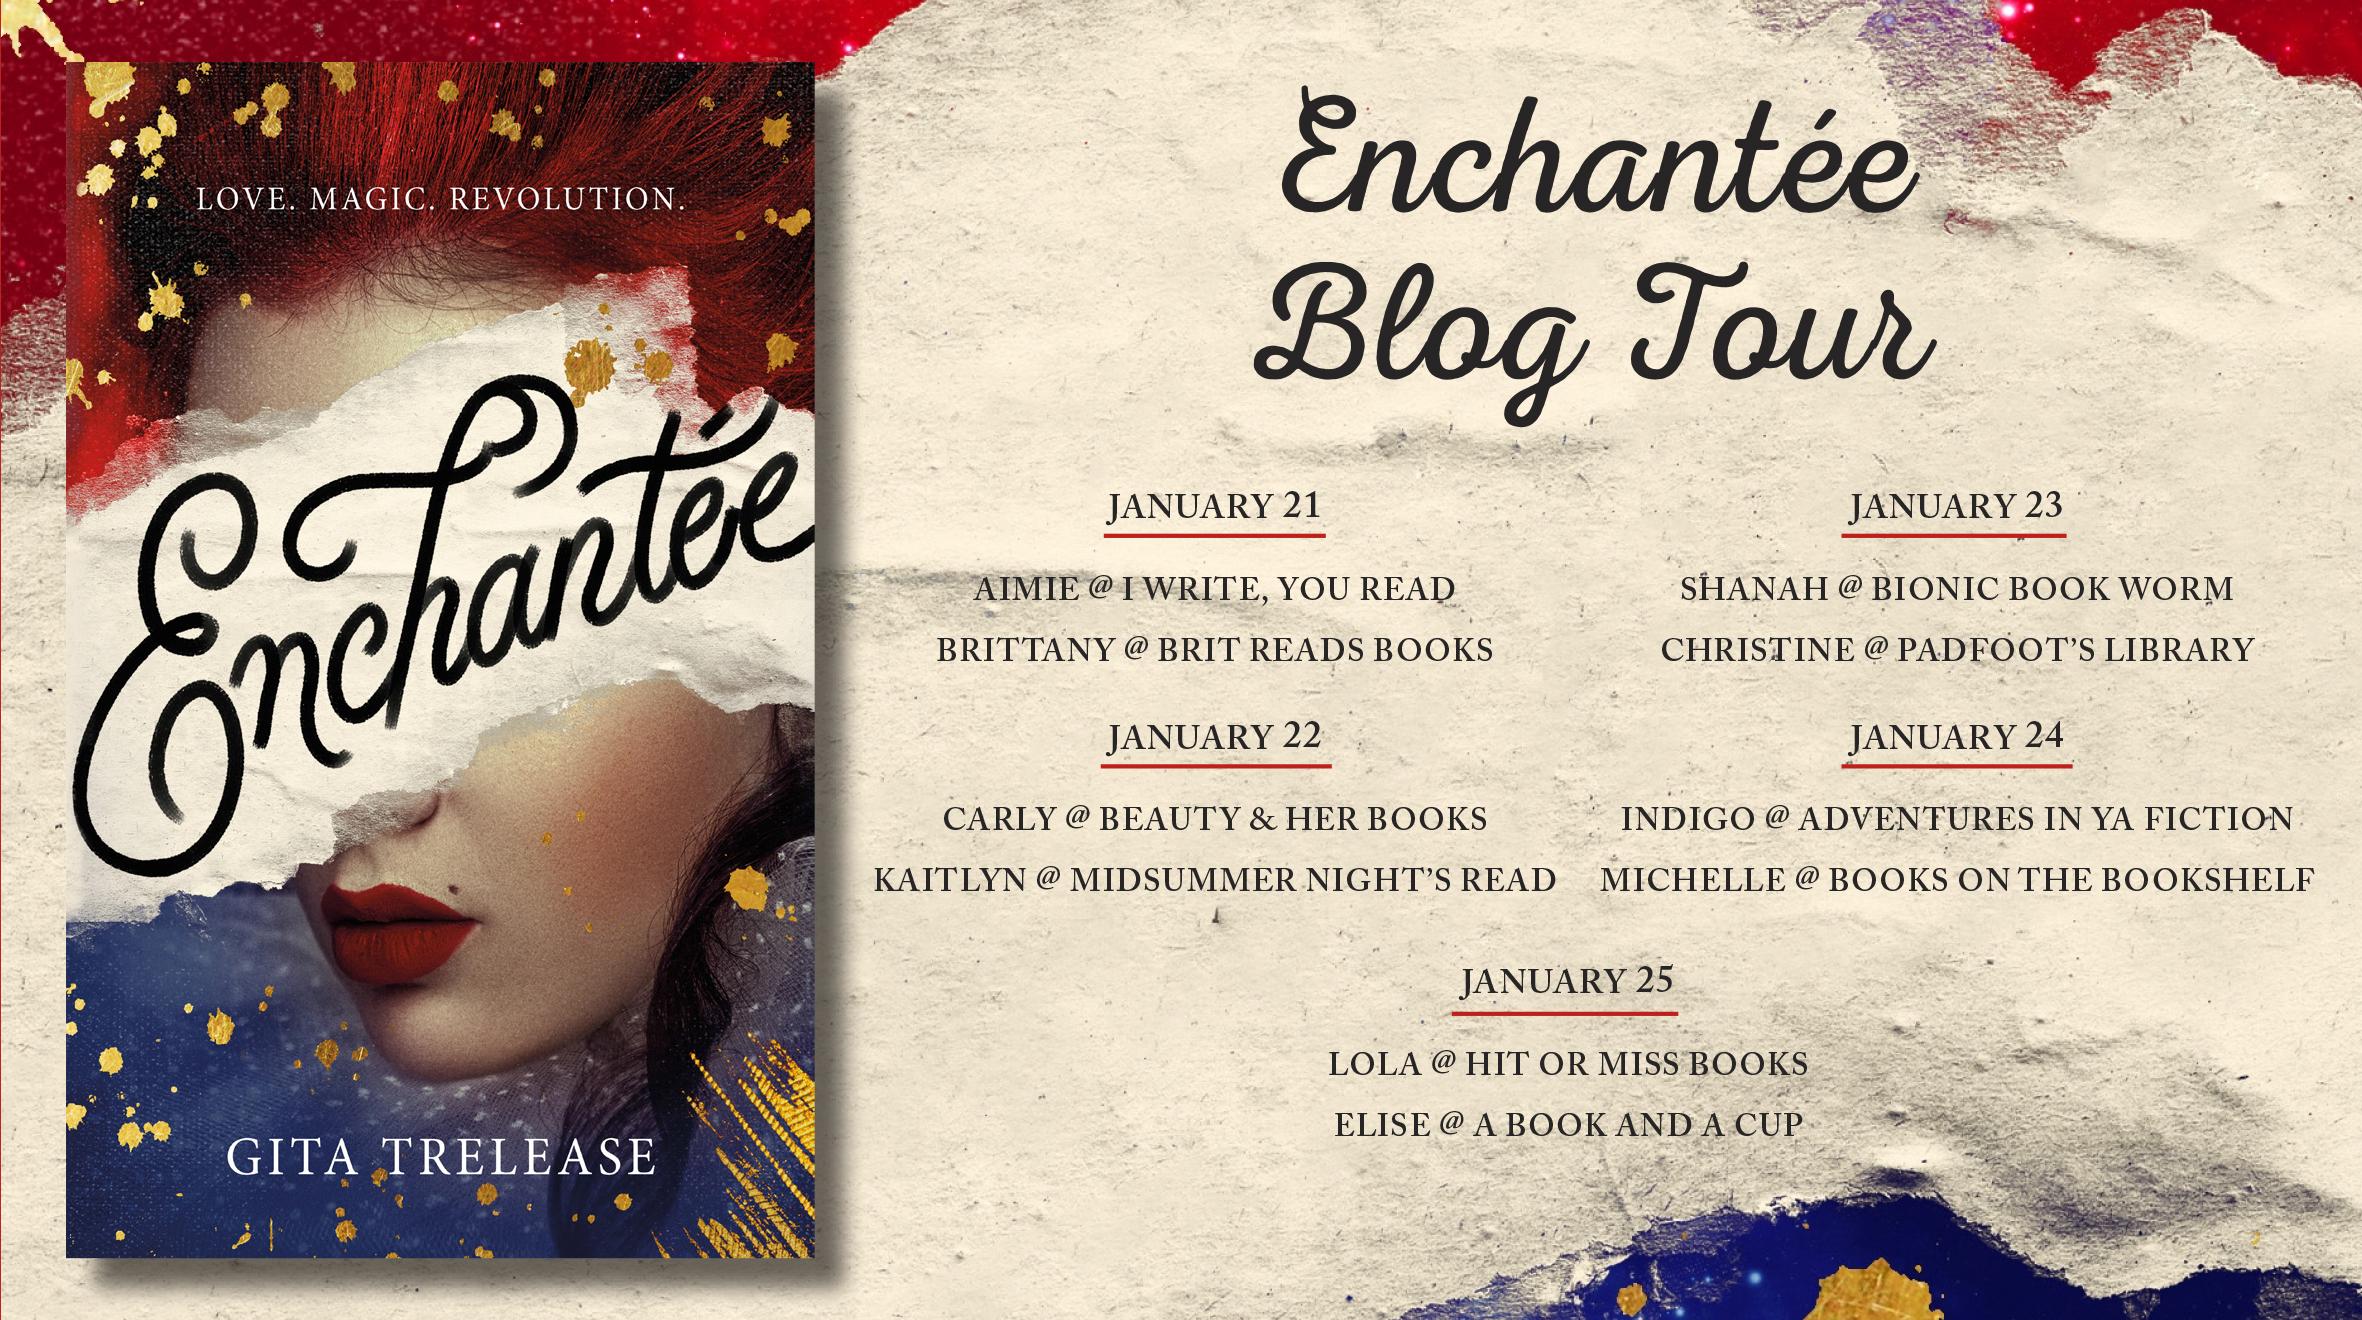 enchantee blog evite